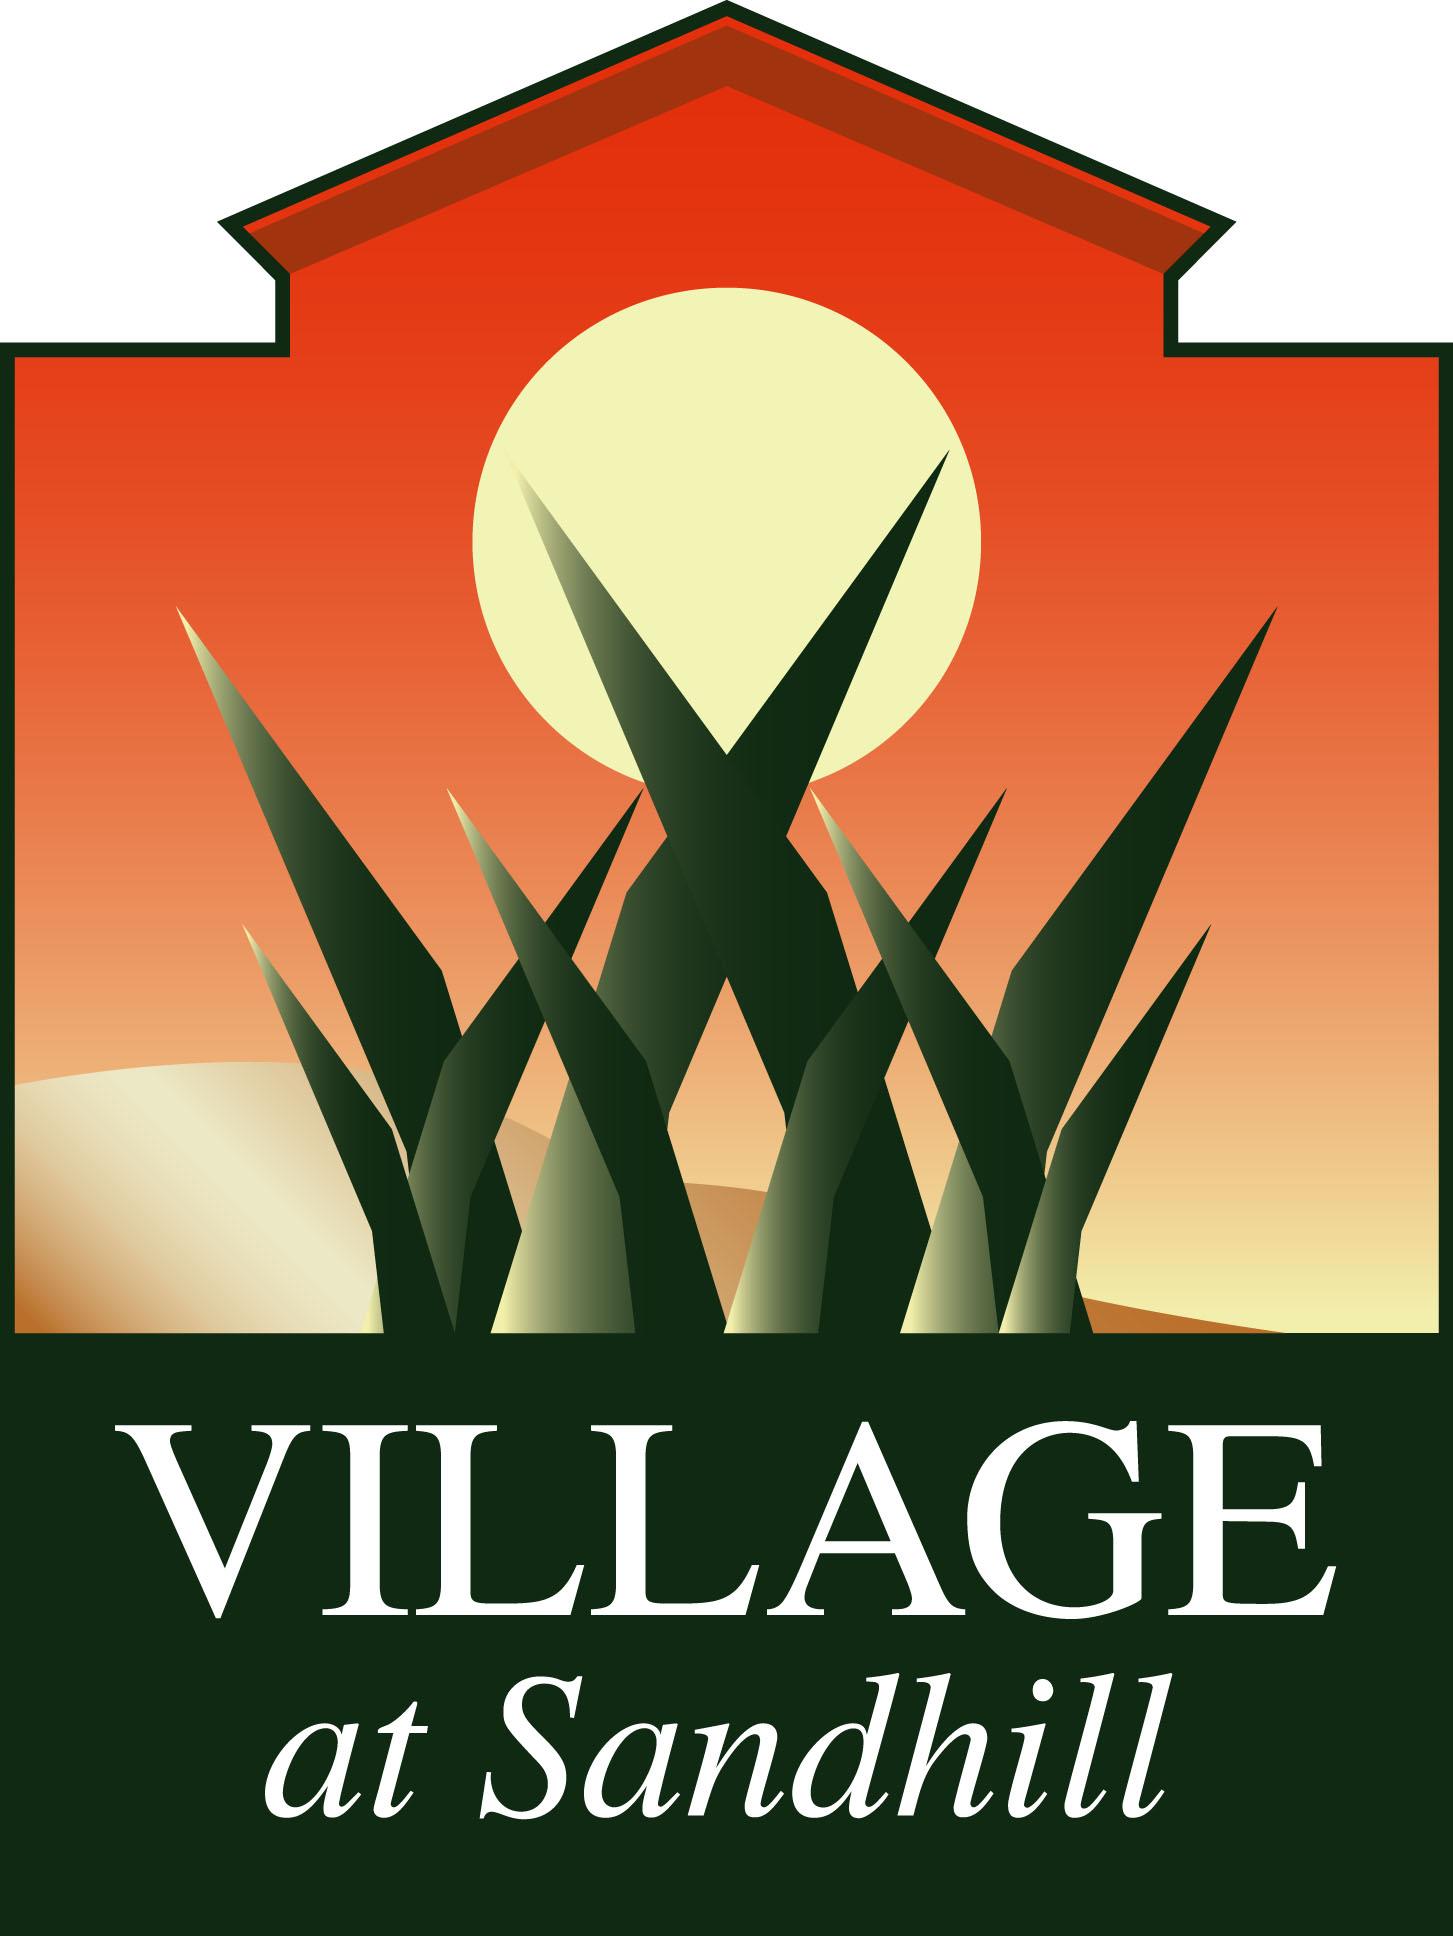 The Village at Sandhill